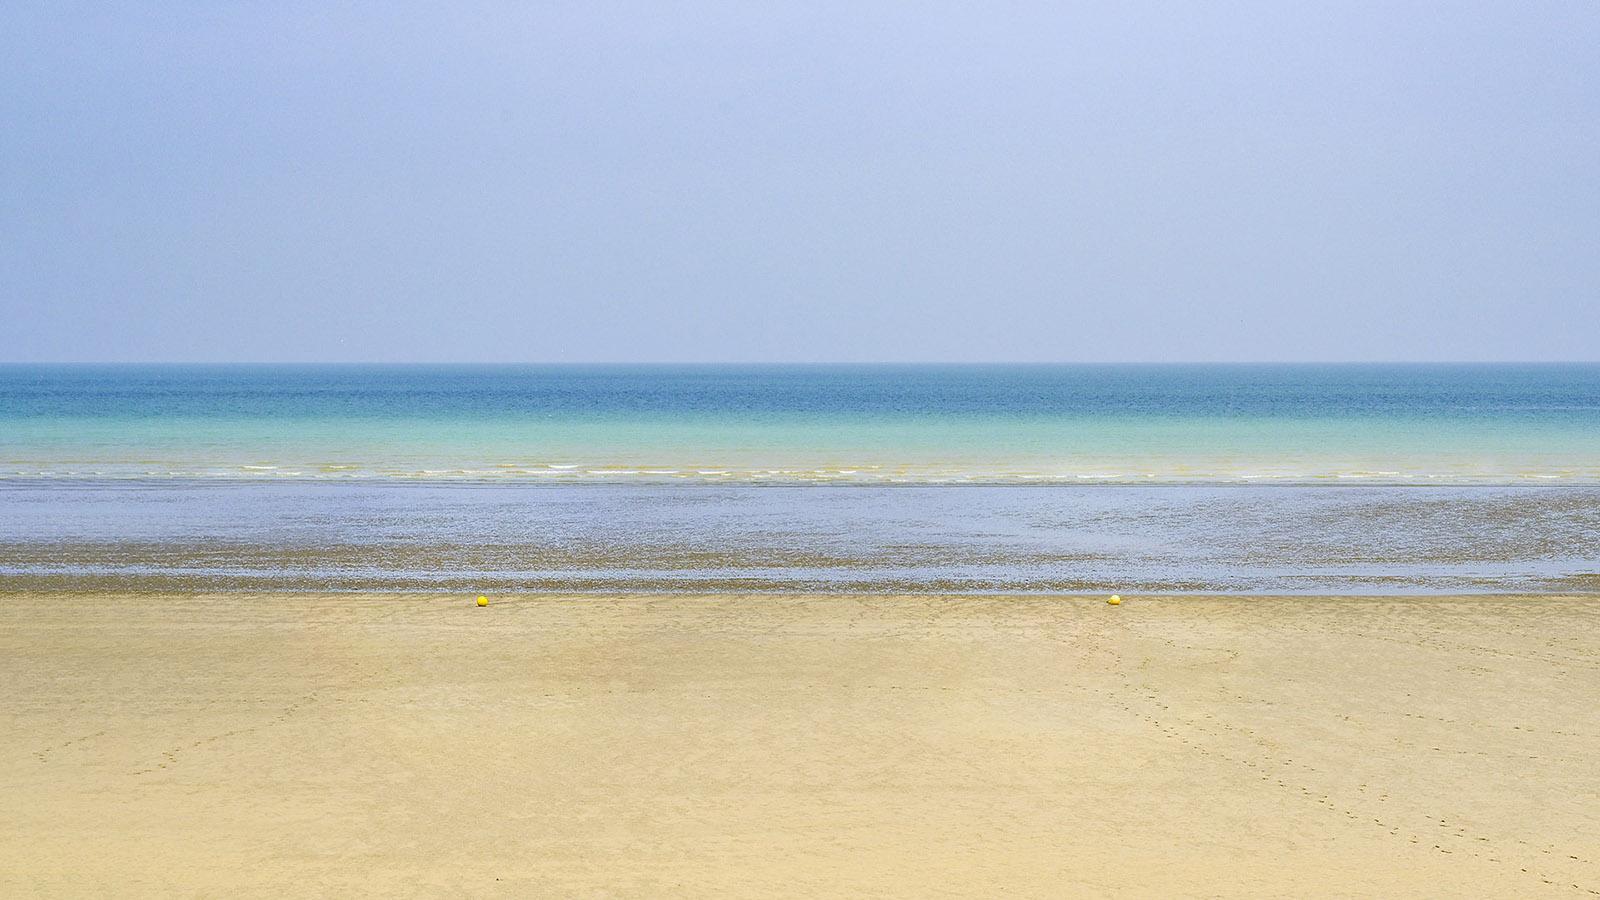 Saint-Aubin besitzt den einzigen richtigen Sandstrand der Alabasterküste. Bei Ebbe treffen sich dort die Strandsegler! Foto: Hilke Maunder